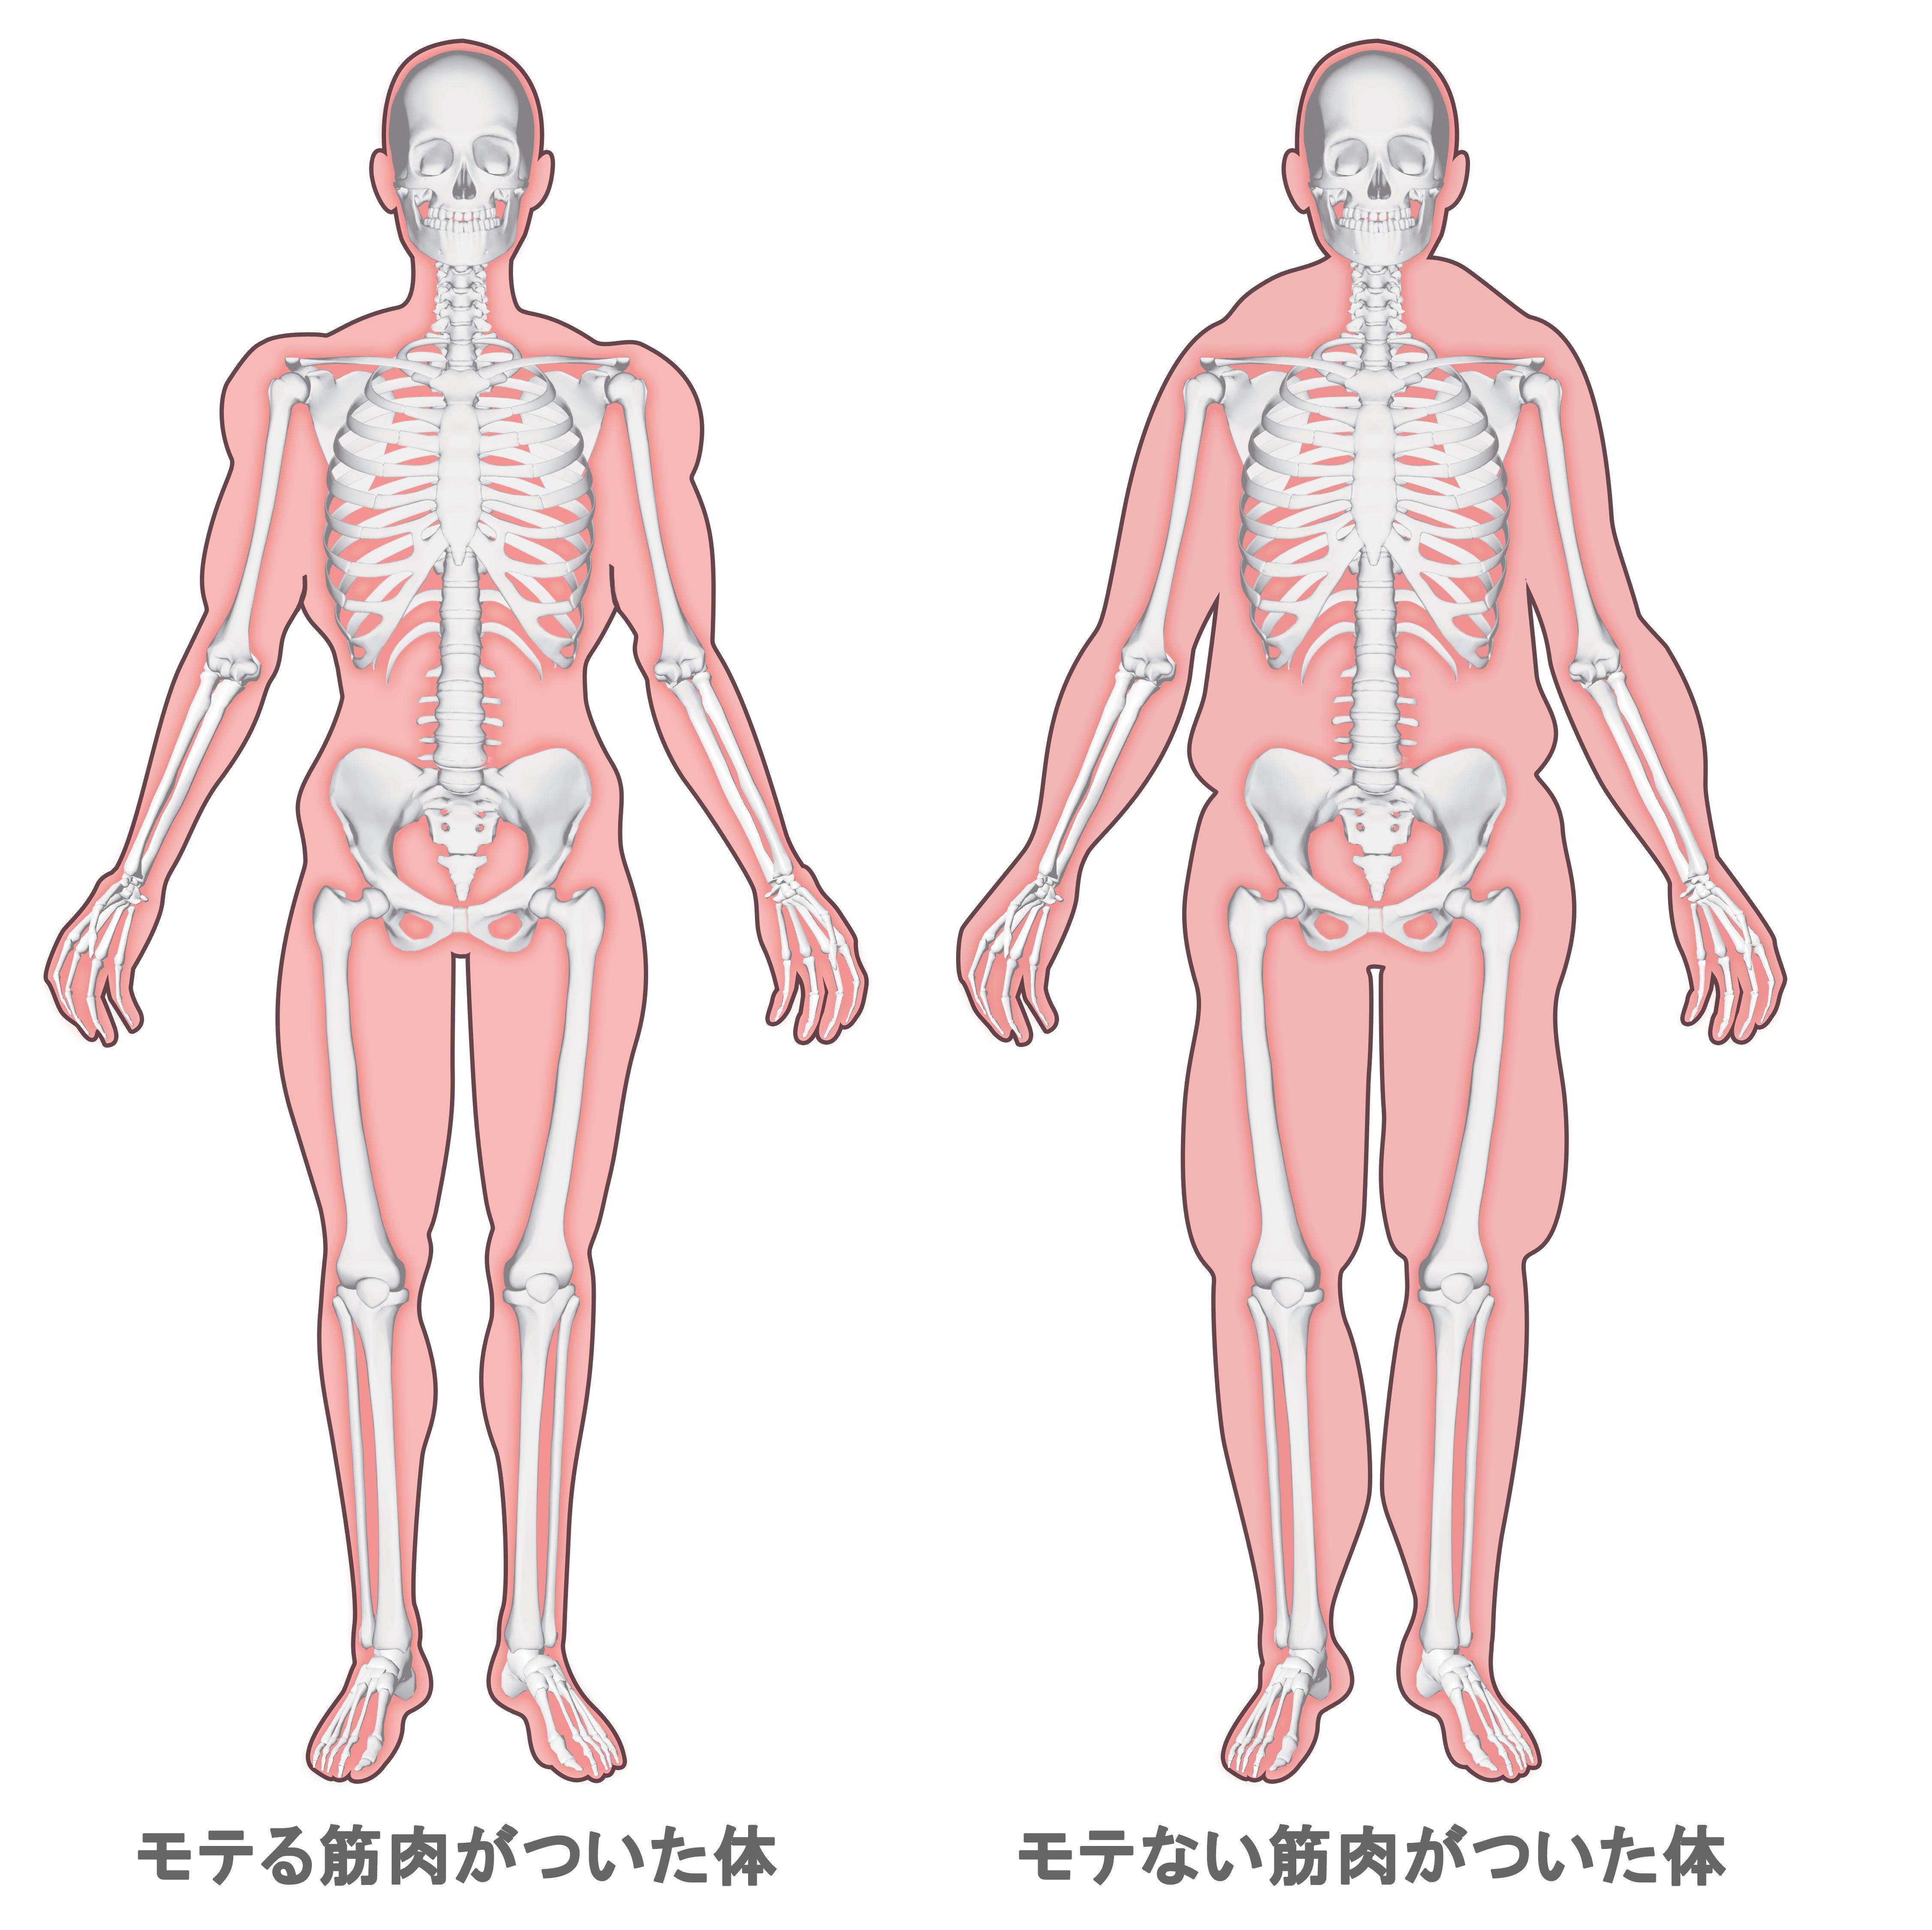 みるみる身体が変わっていく「モテる筋肉」ってなに? [おとなスタイル]